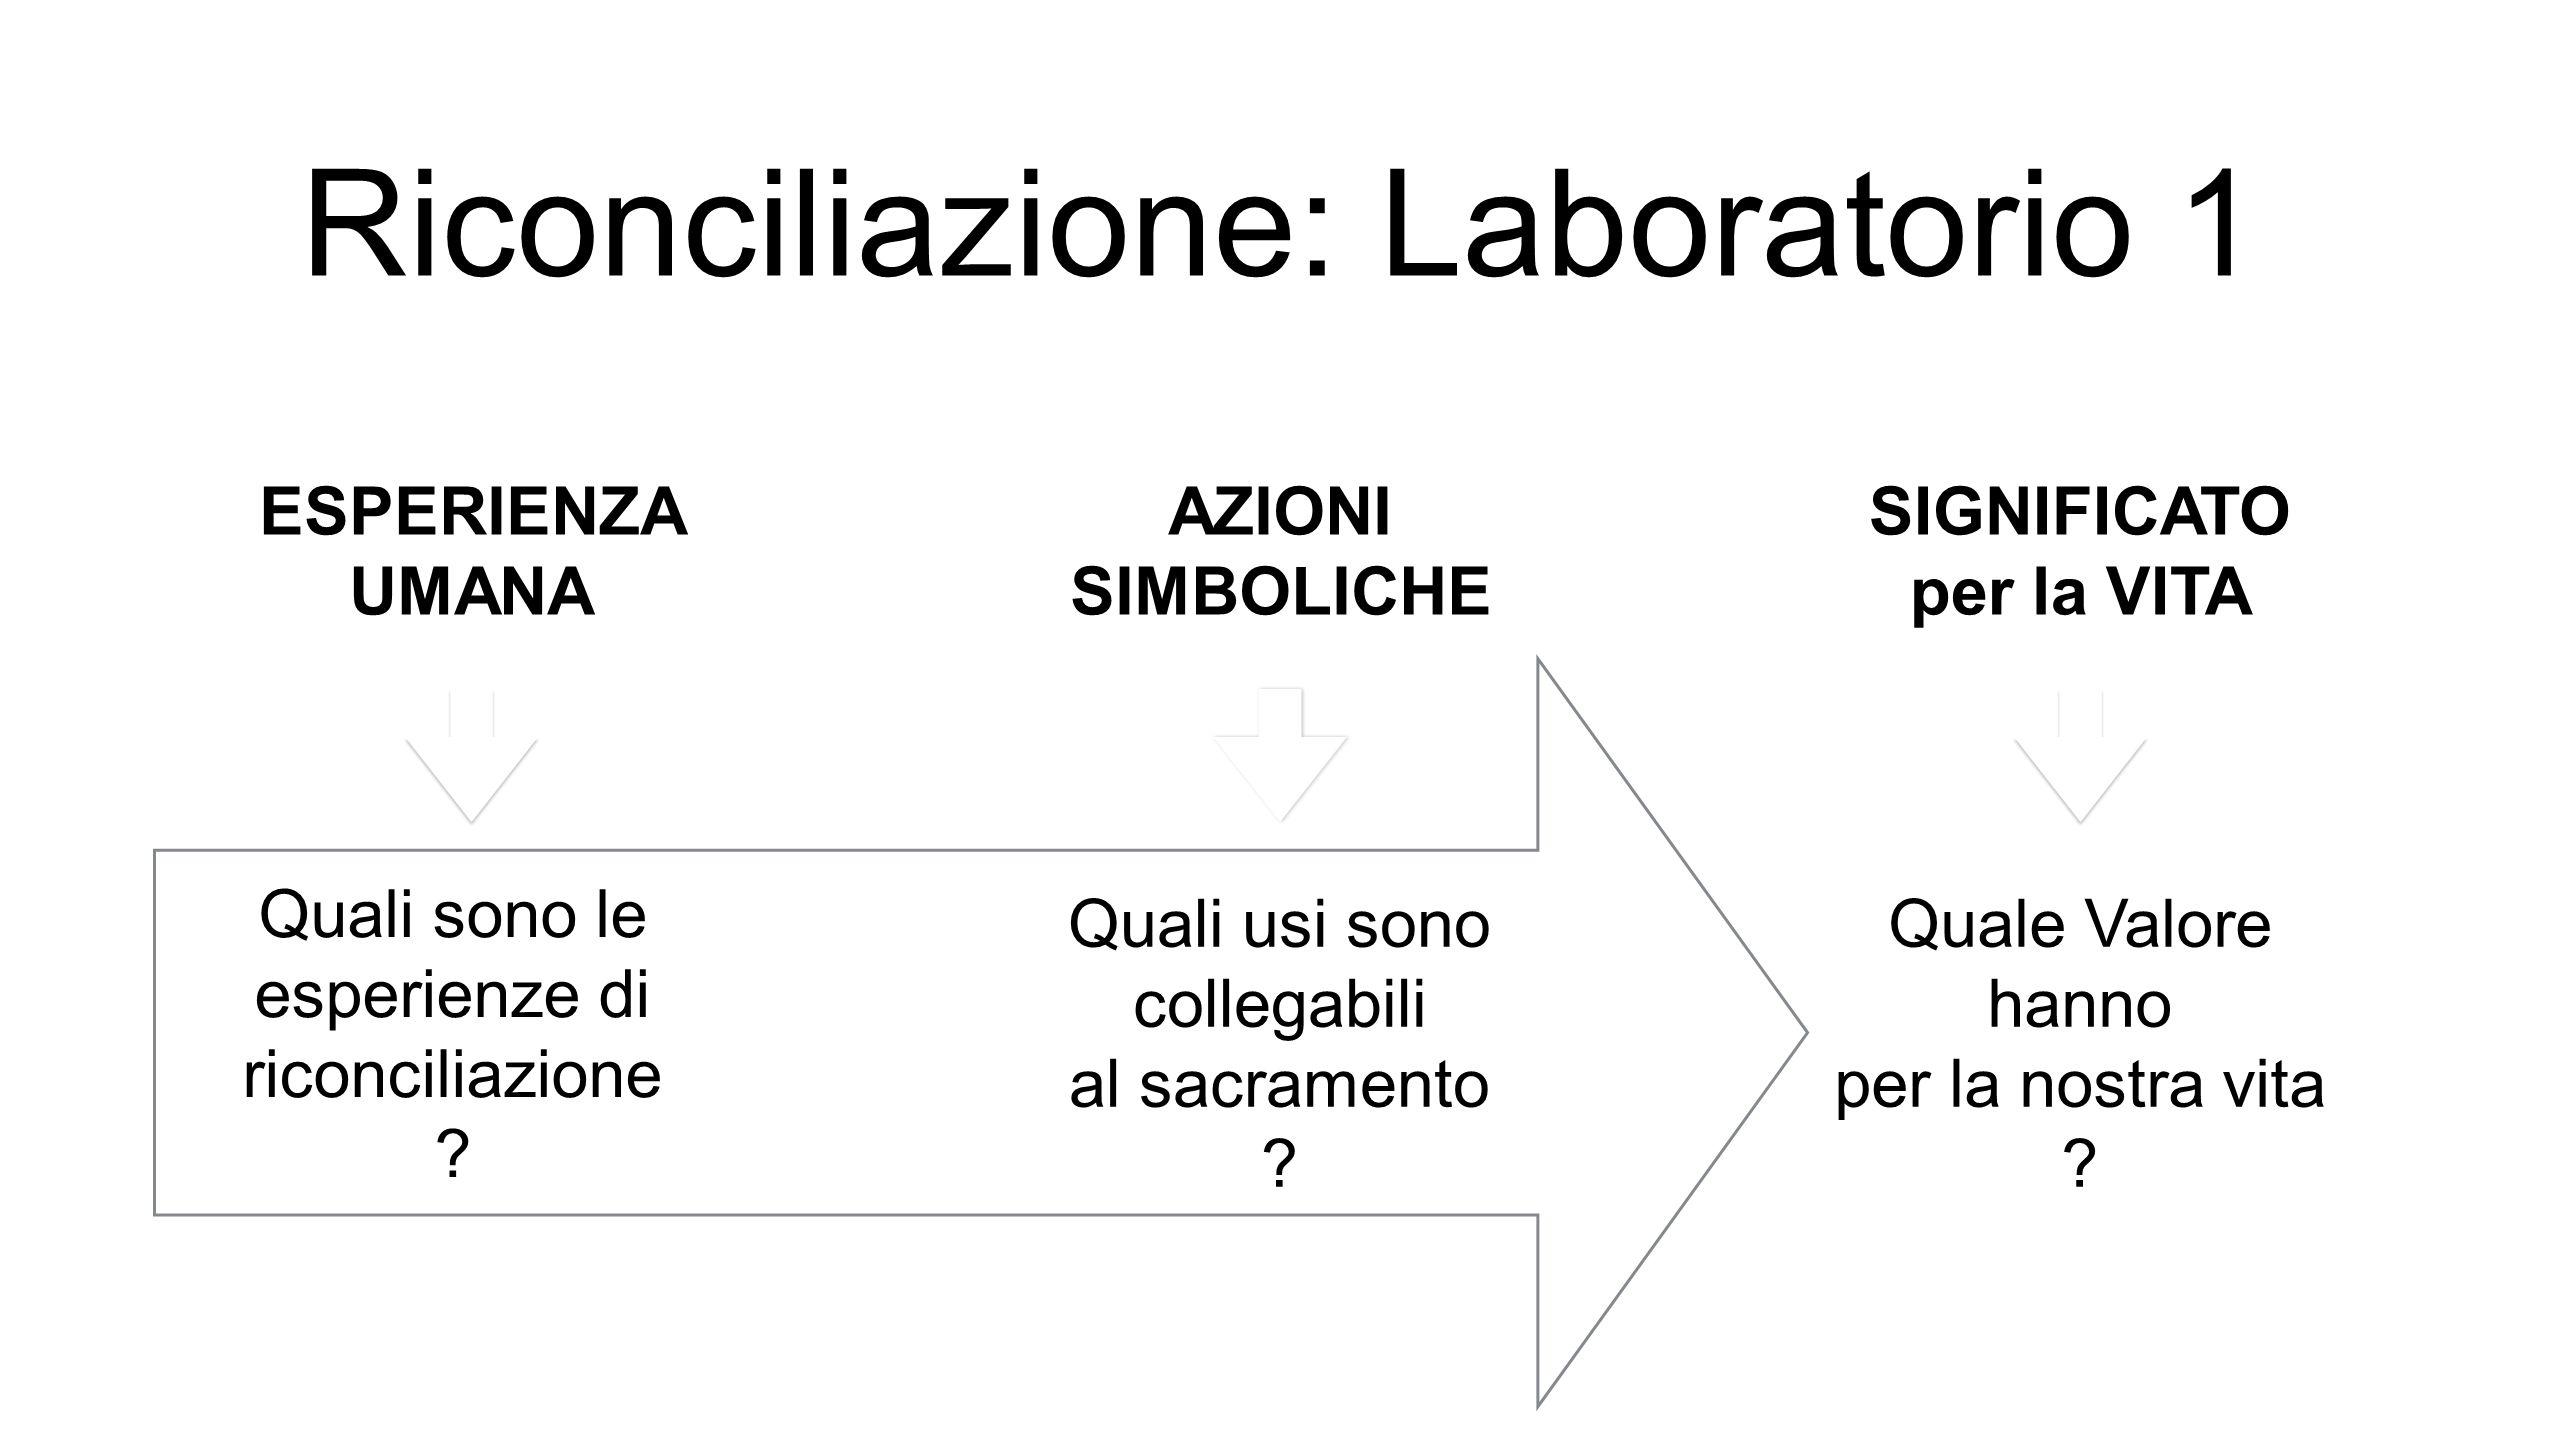 Riconciliazione: Laboratorio 1